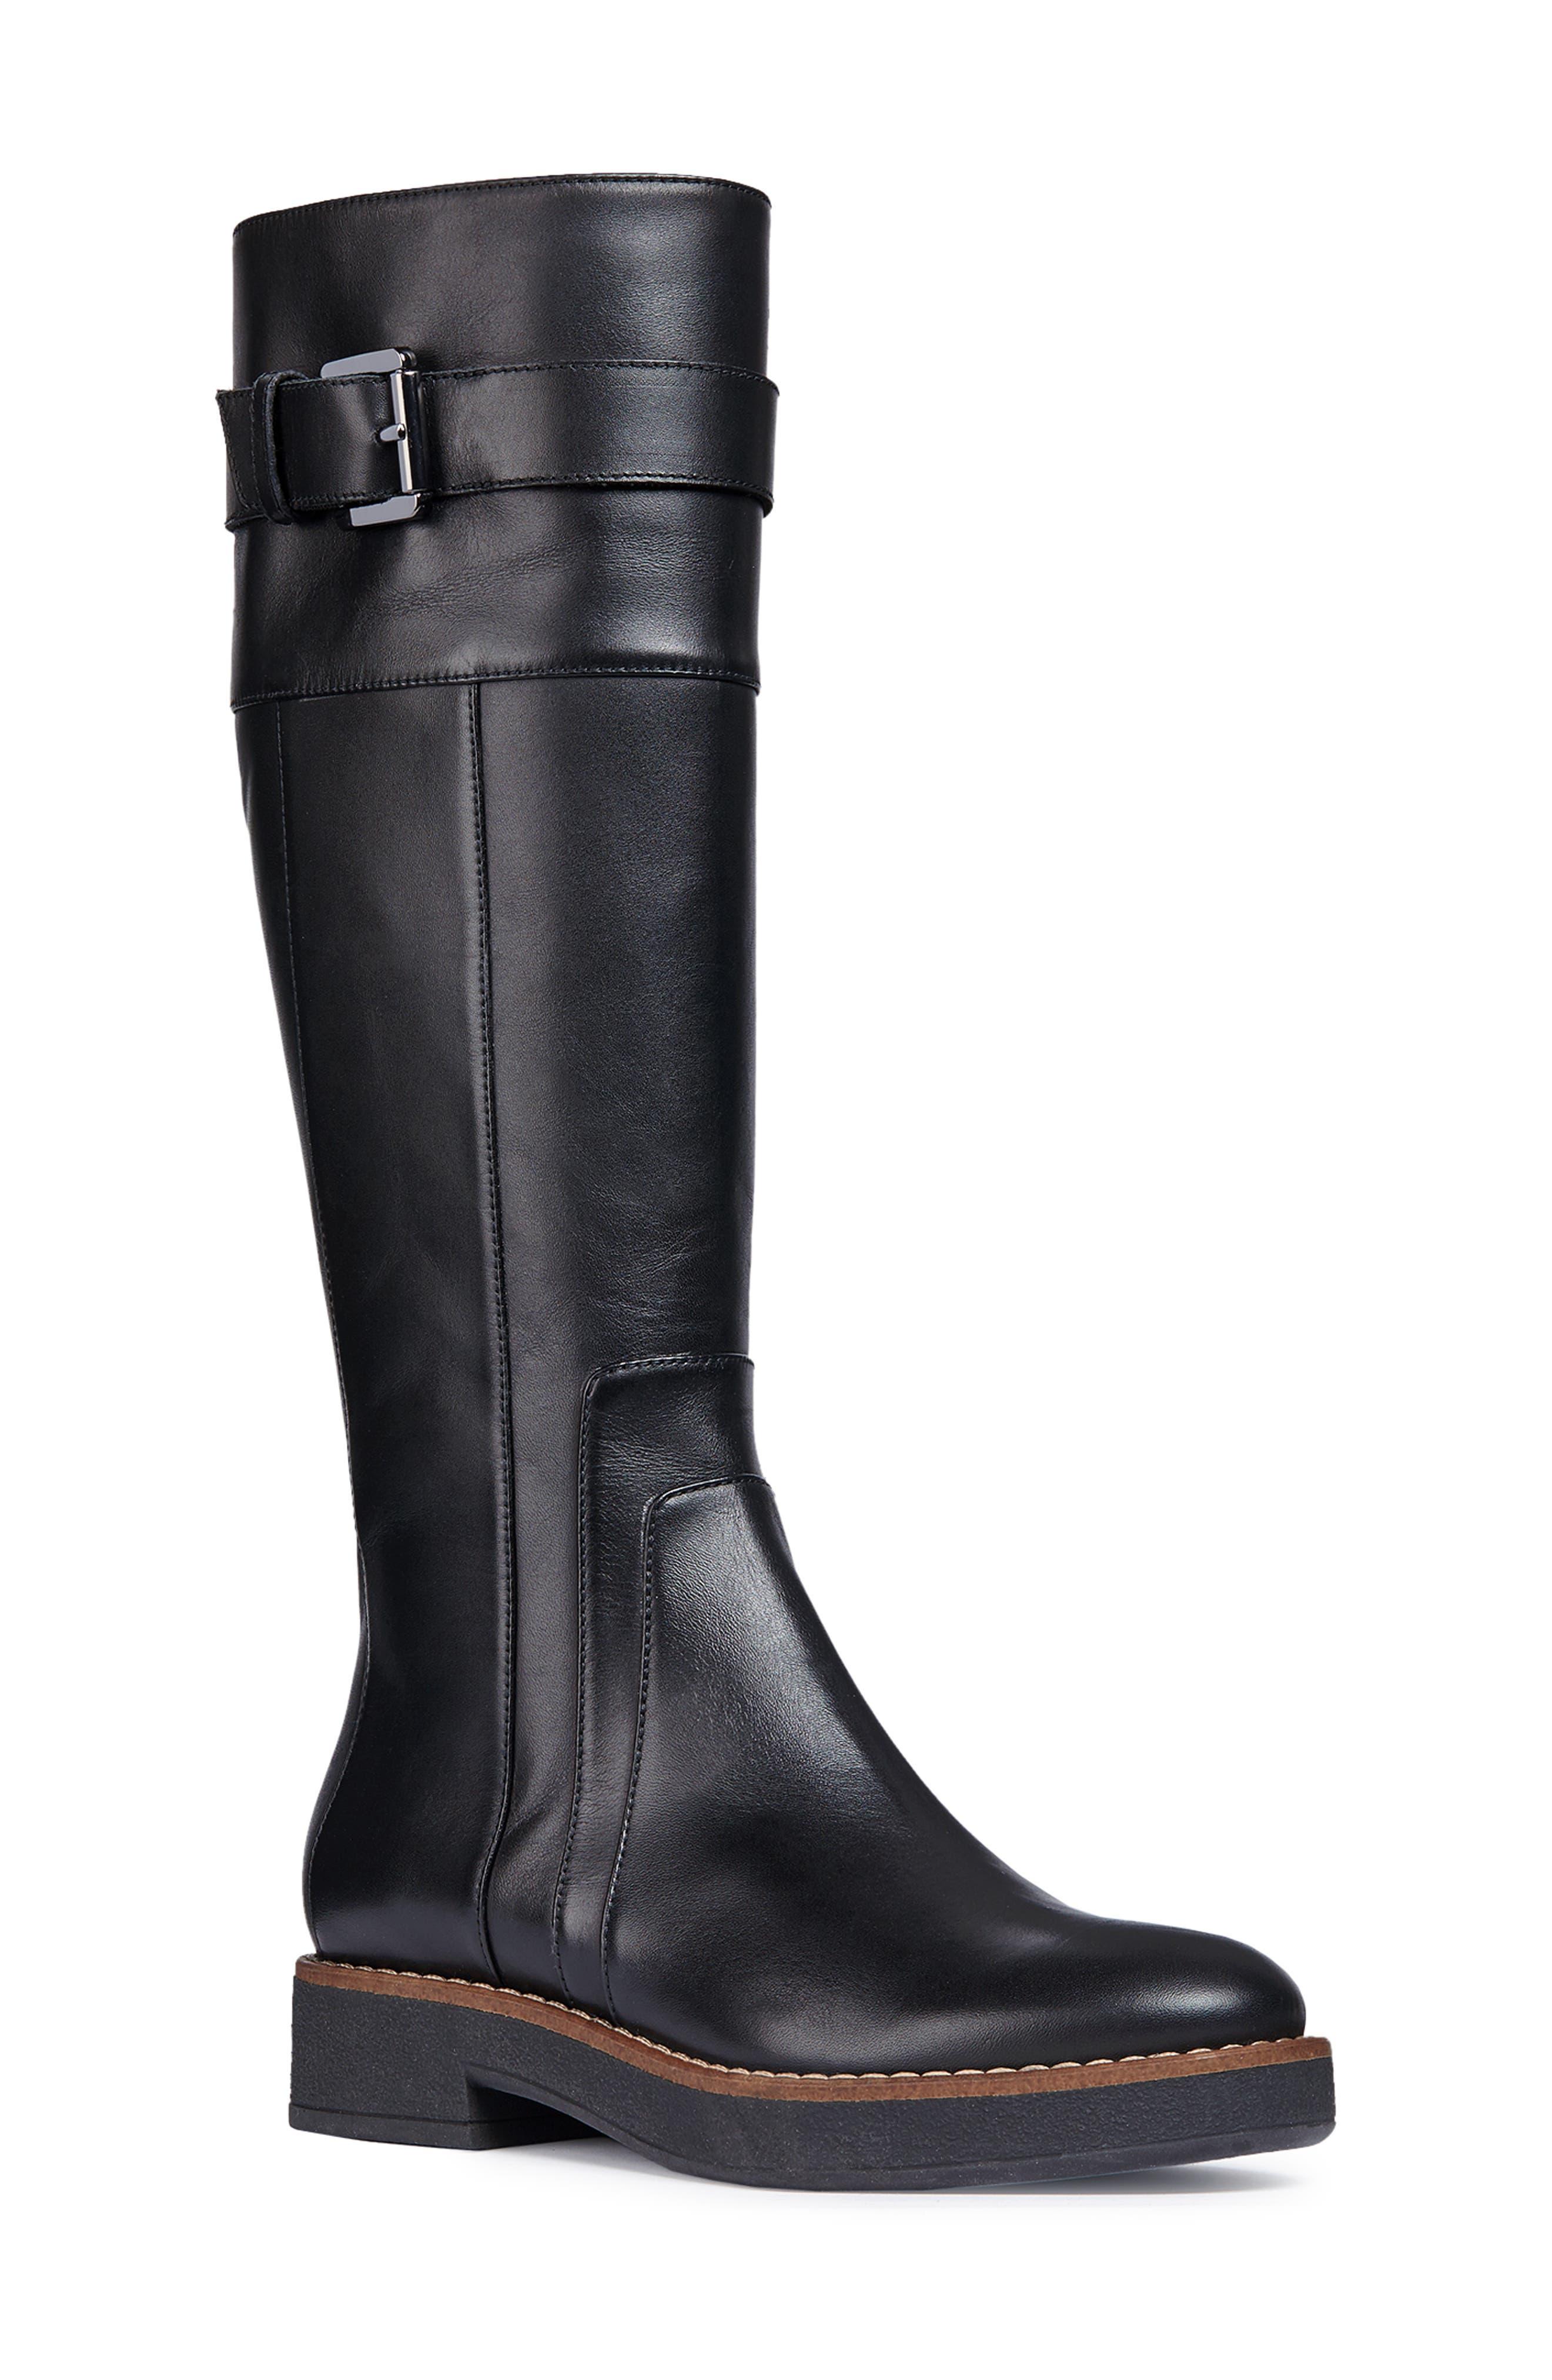 Geox Adrya Knee High Boot, Black